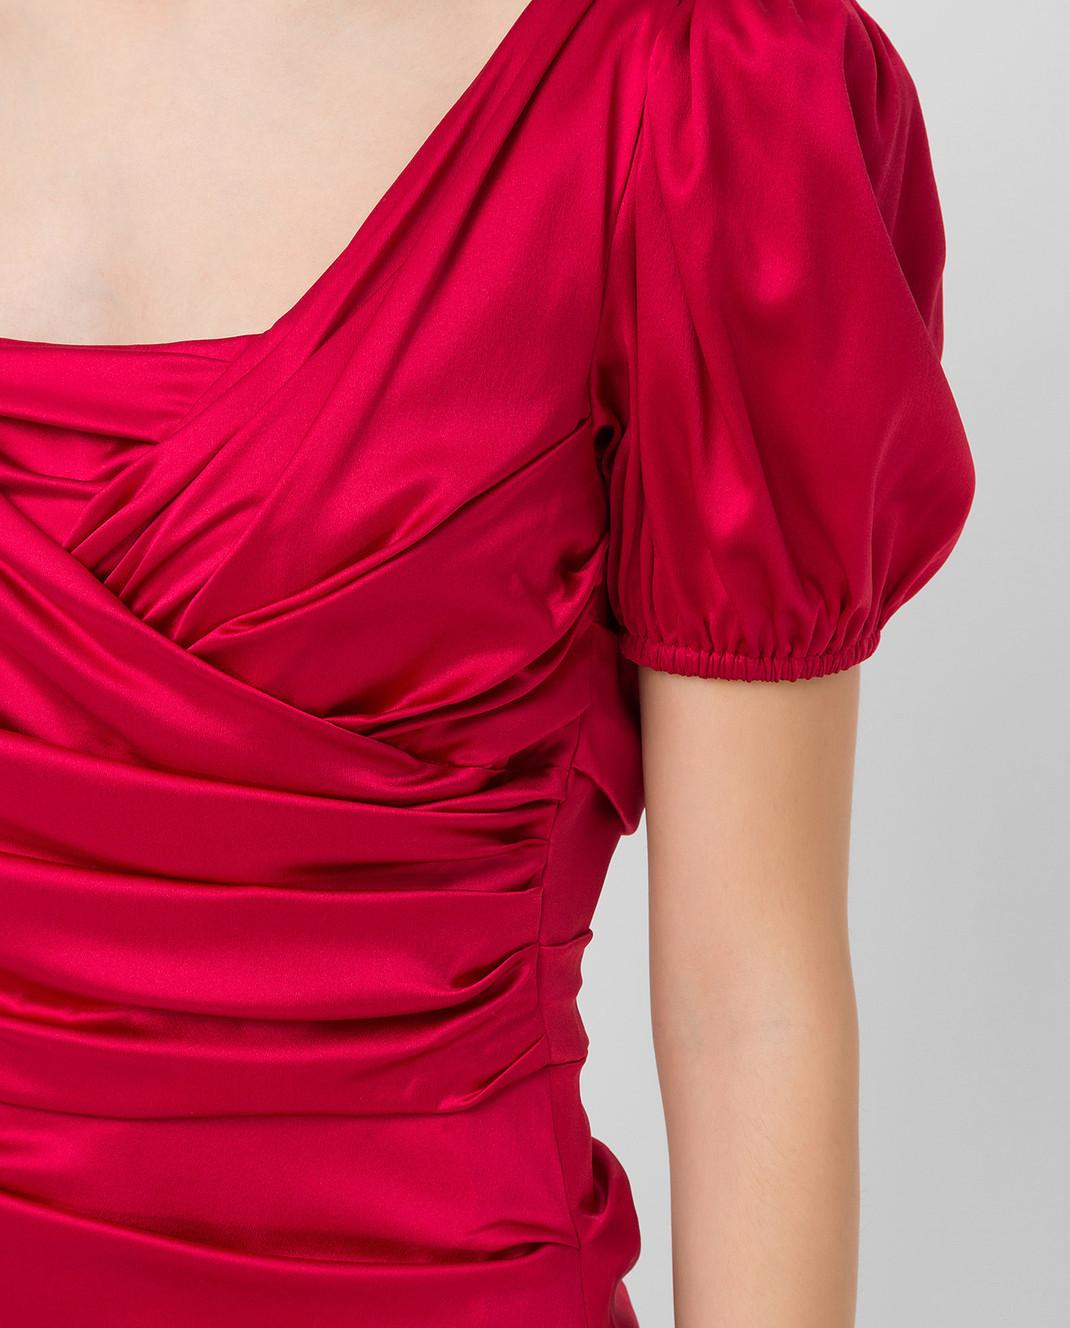 Dolce&Gabbana Красное платье из шелка F62B2TFURAG изображение 5